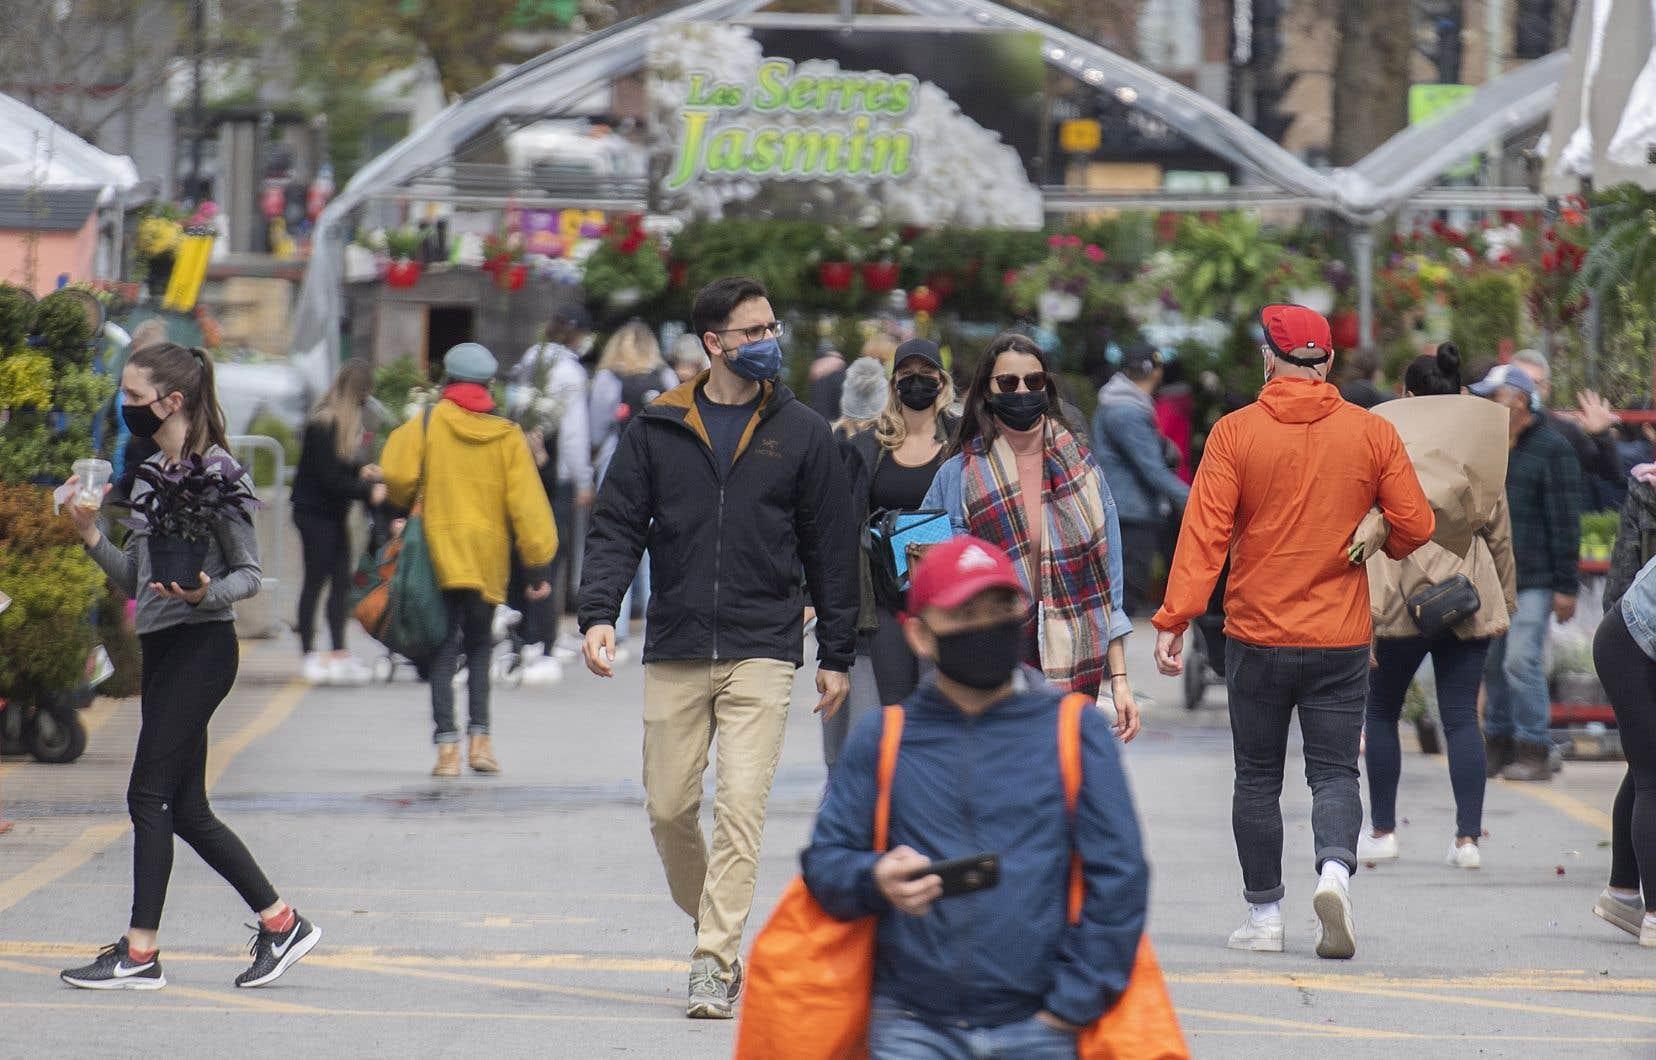 La semaine dernière,  le vice-président Québec de la Fédération canadienne de l'entreprise indépendante, François Vincent , mettait encore en garde les gouvernements contre «les dettes vertigineuses» accumulées par les PME depuis le début de la pandémie.